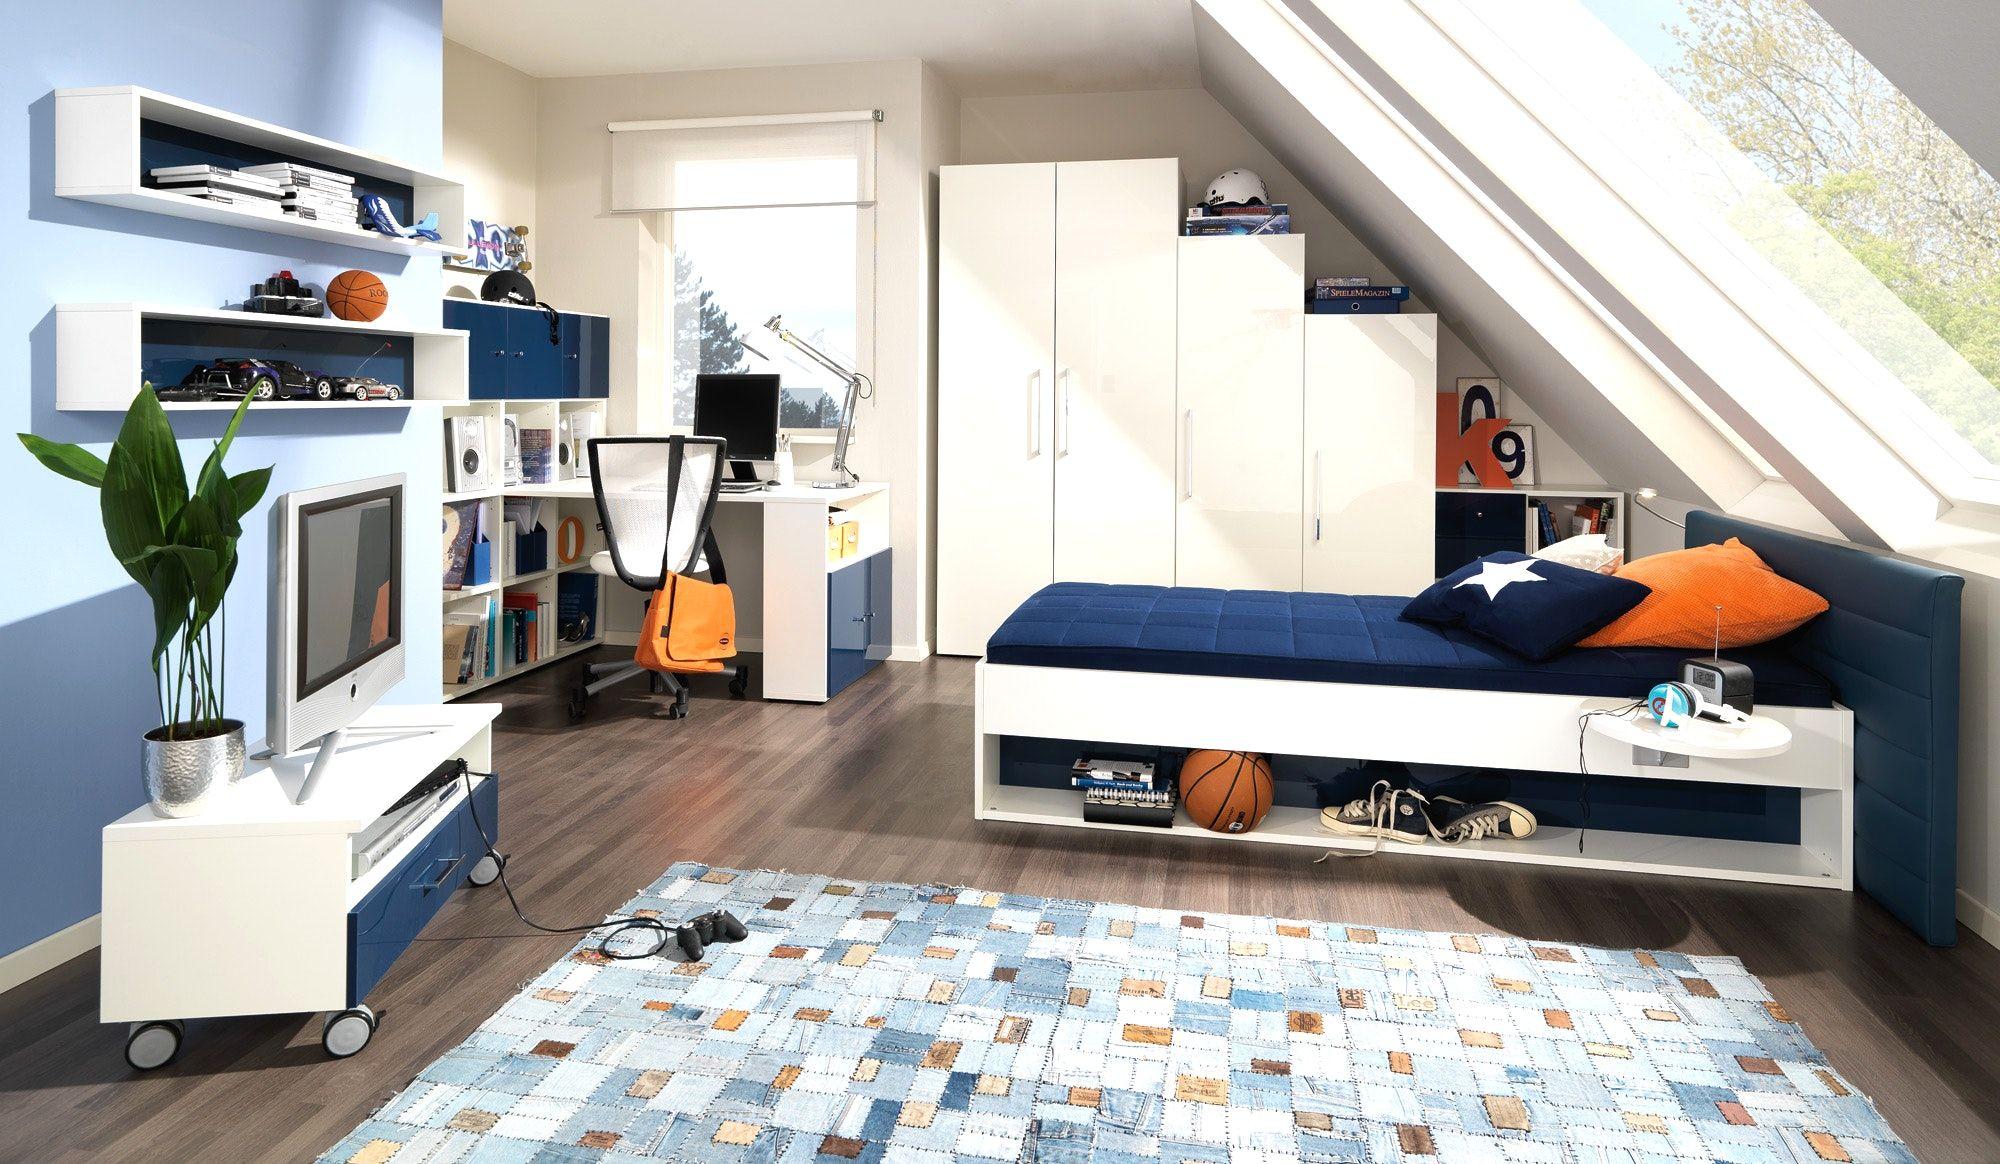 schlafzimmer mit dachschr ge ideen b hmerwald bettdecken test schlafzimmer einrichten strand. Black Bedroom Furniture Sets. Home Design Ideas